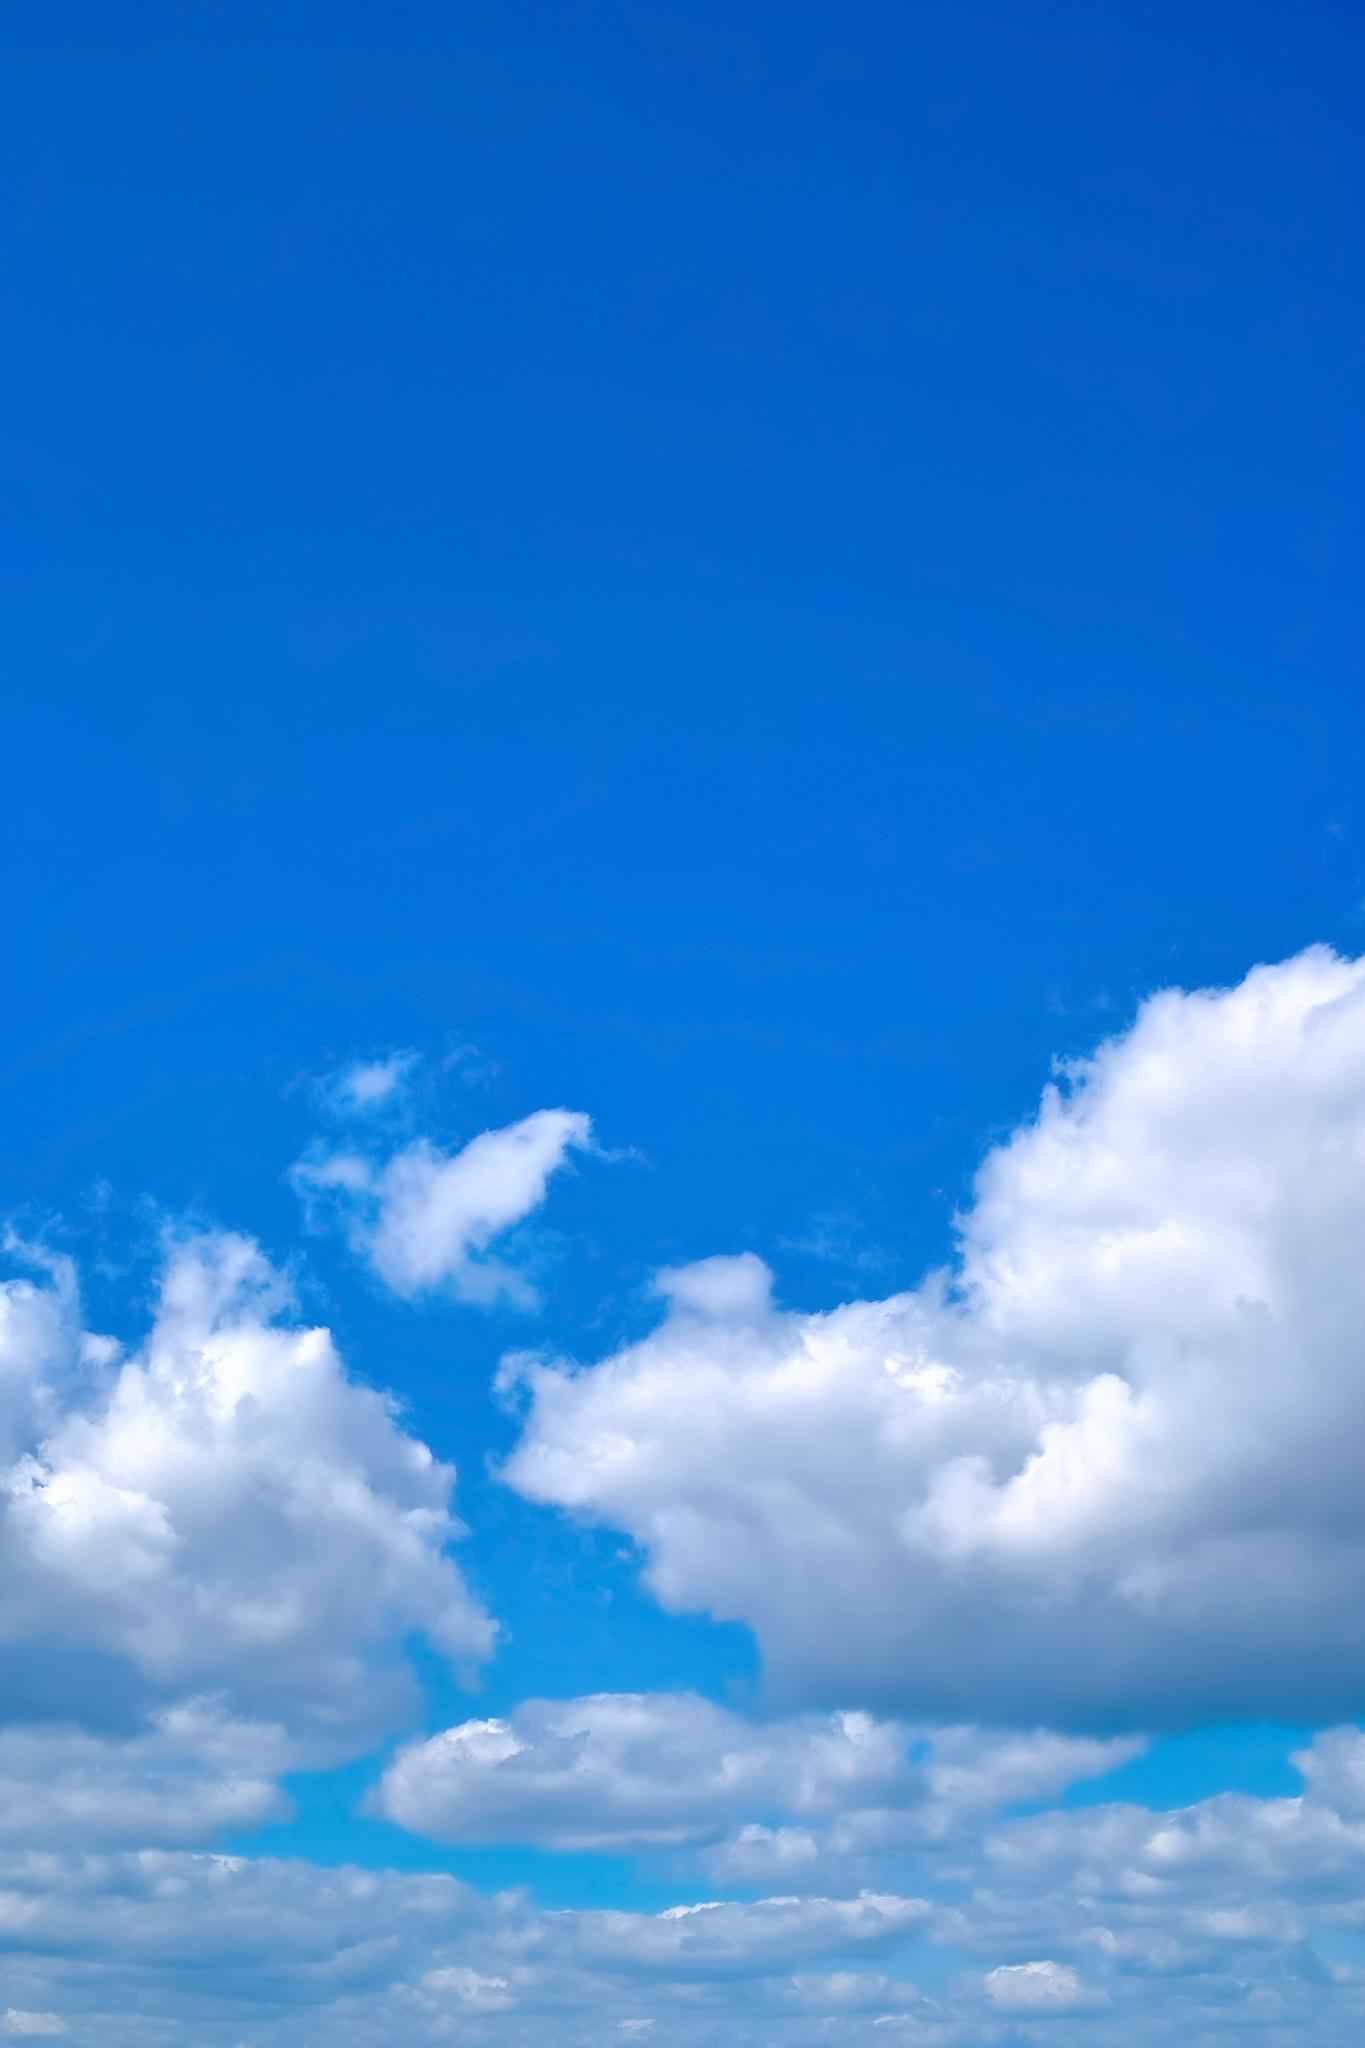 「瑠璃色の青空が群雲の上に広がる」の画像を無料ダウンロード